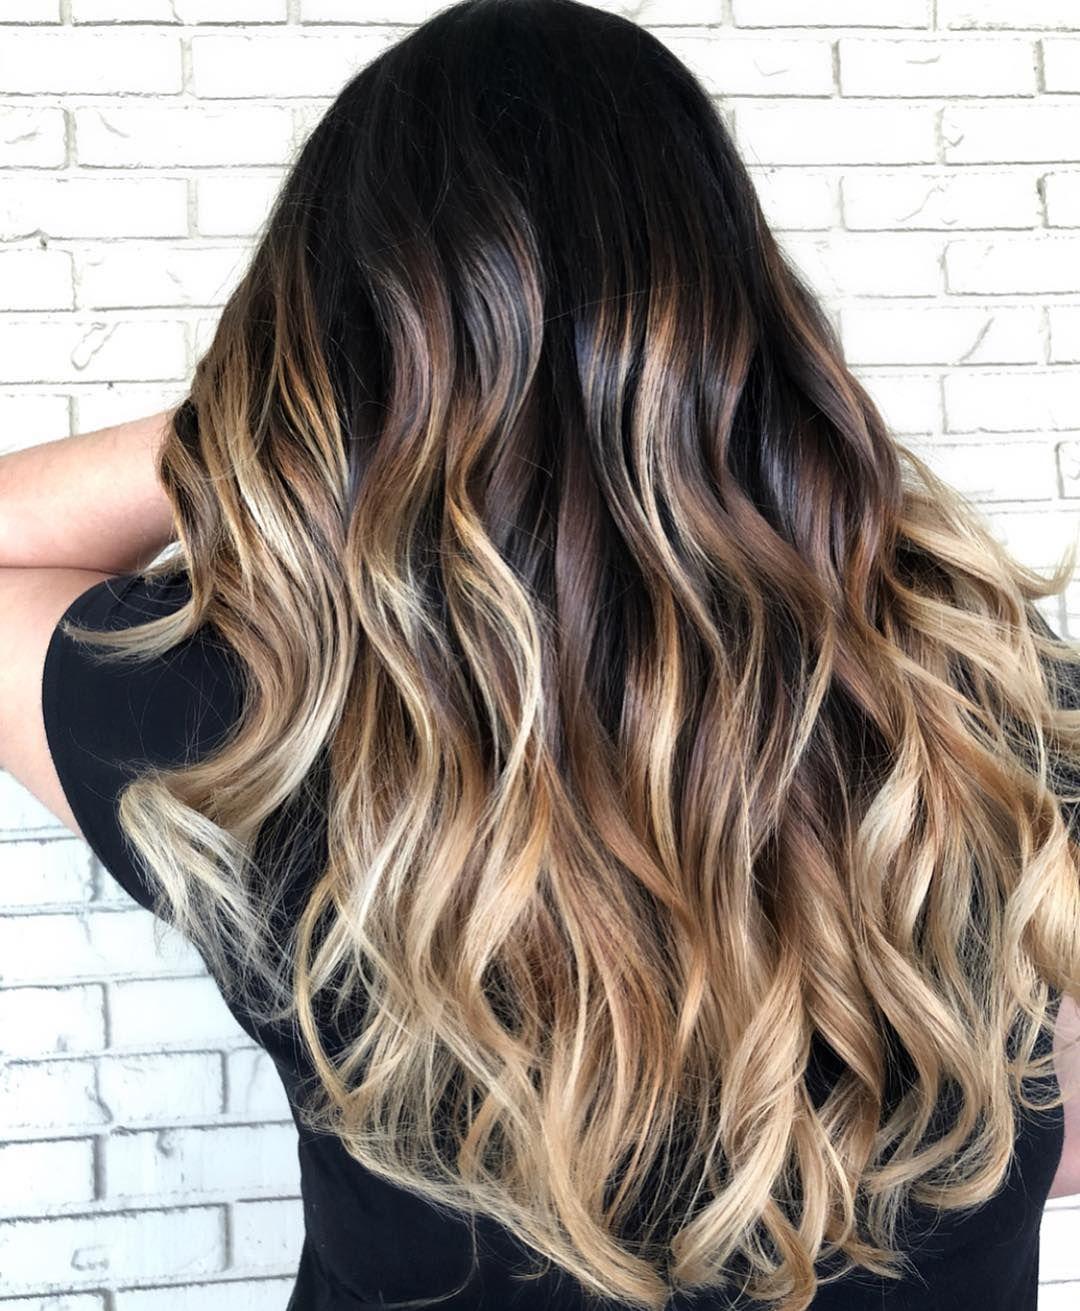 Usmc haircut styles meli melg on pinterest